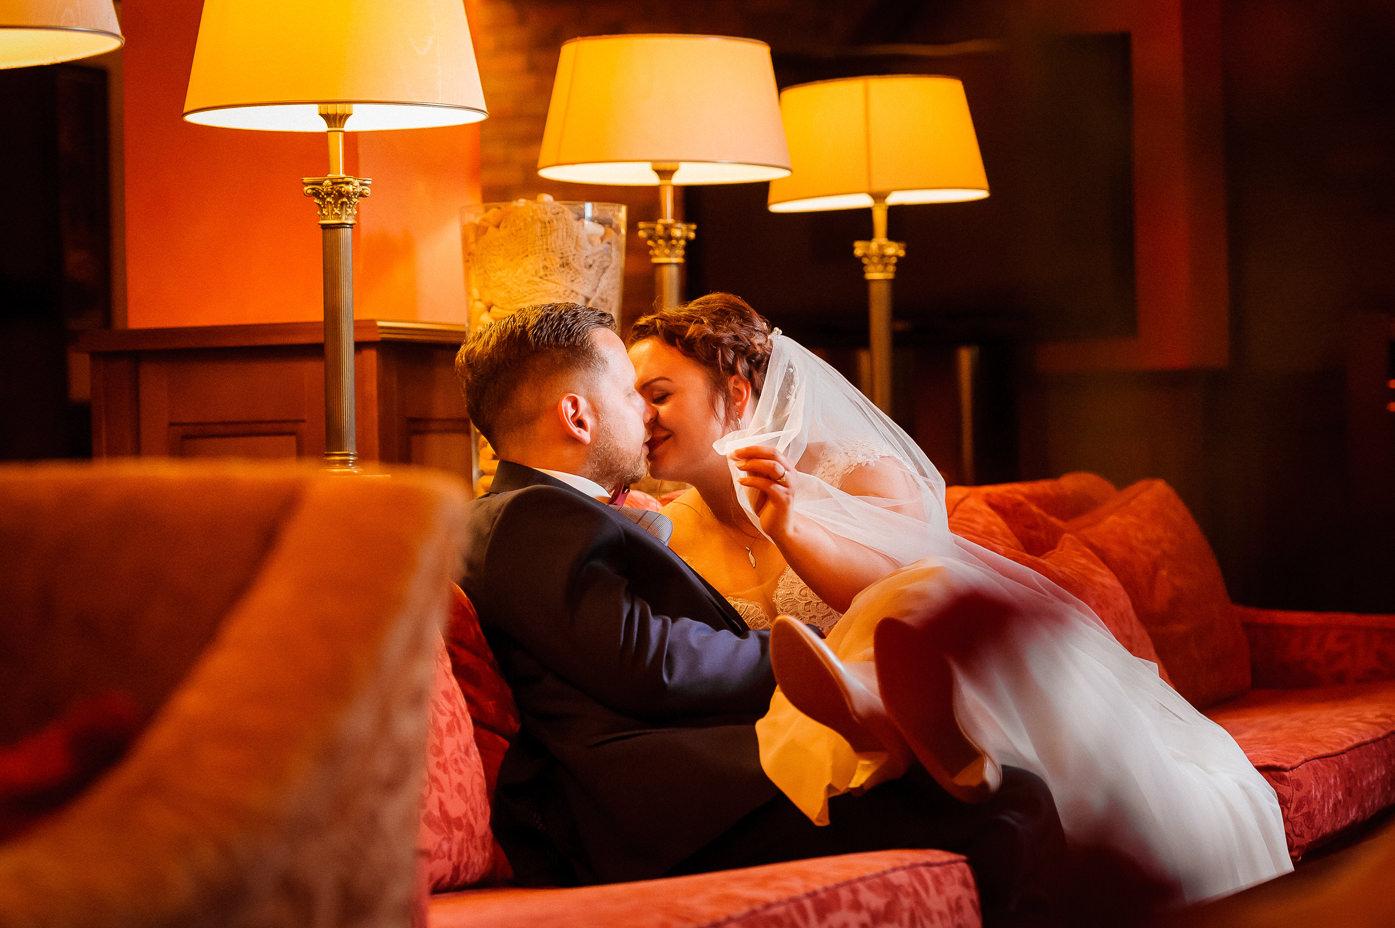 Rafał Kowalski Fotograf Ślubny opinie - romantyczne chwile podczas sesji zdjeciowej w dniu ślubu w Hotelu Słoneczny Młyn w Bydgoszczy